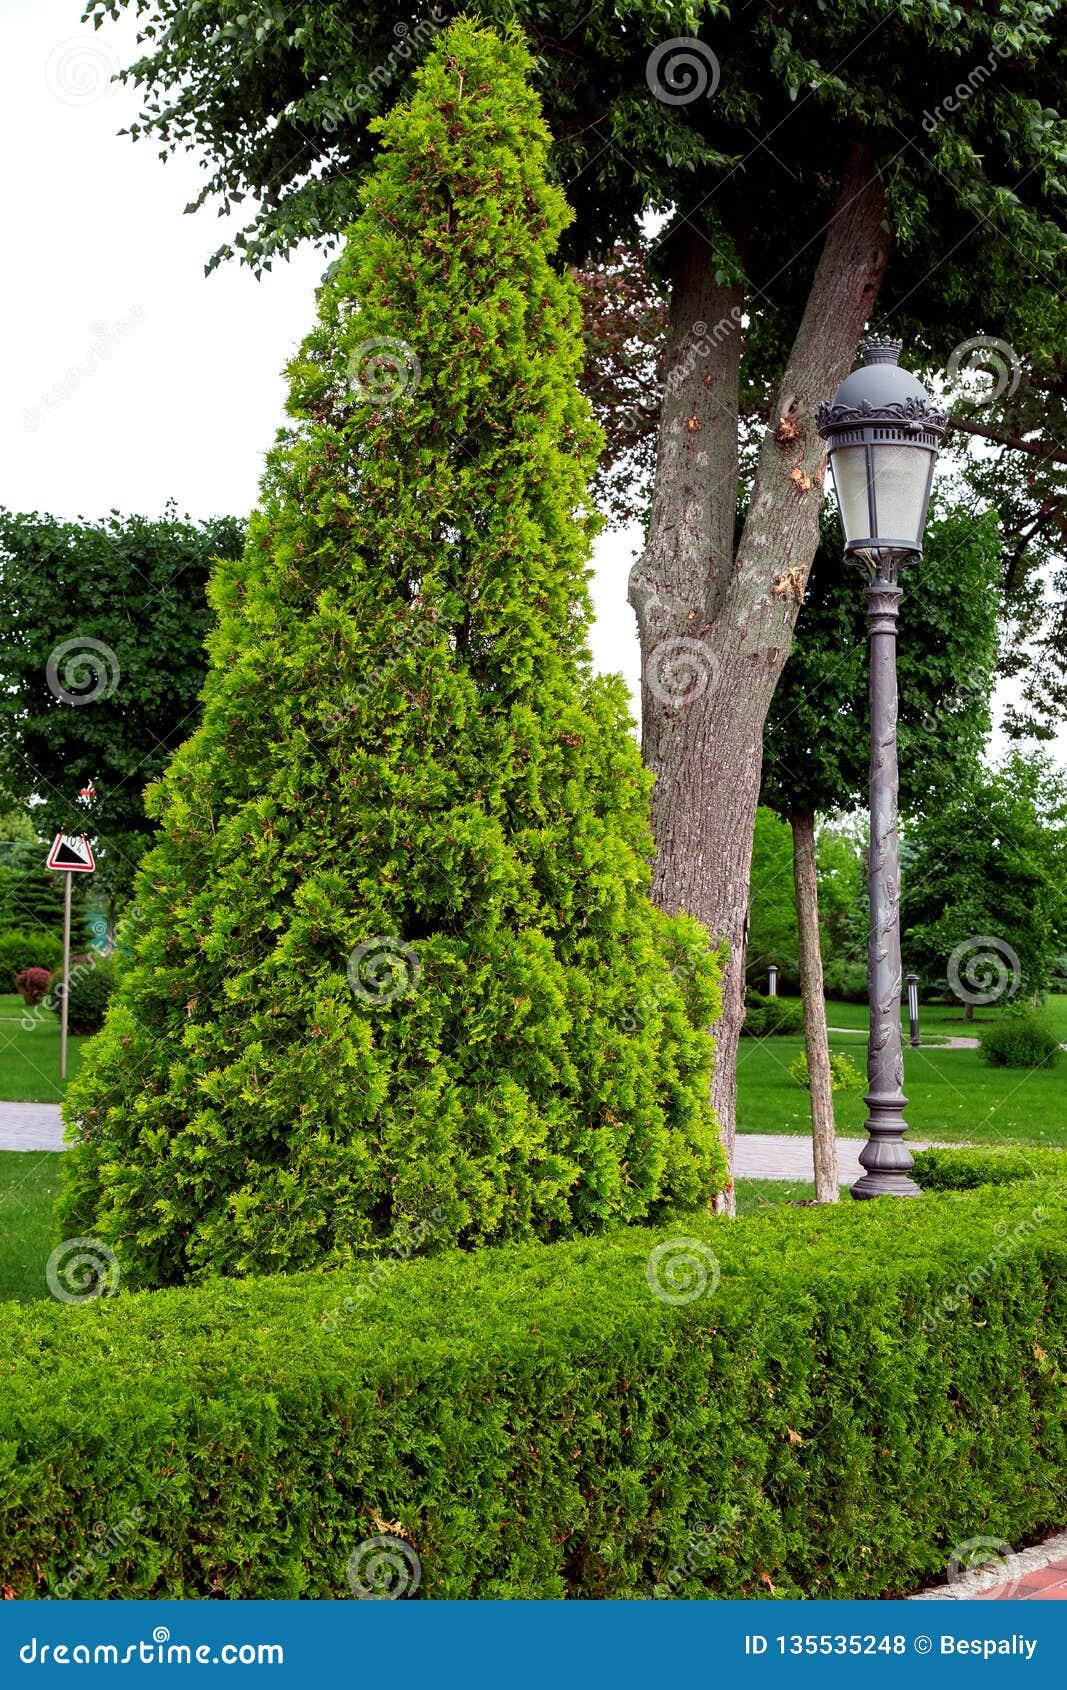 Eine Hecke von getrimmten laubwechselnden Büschen